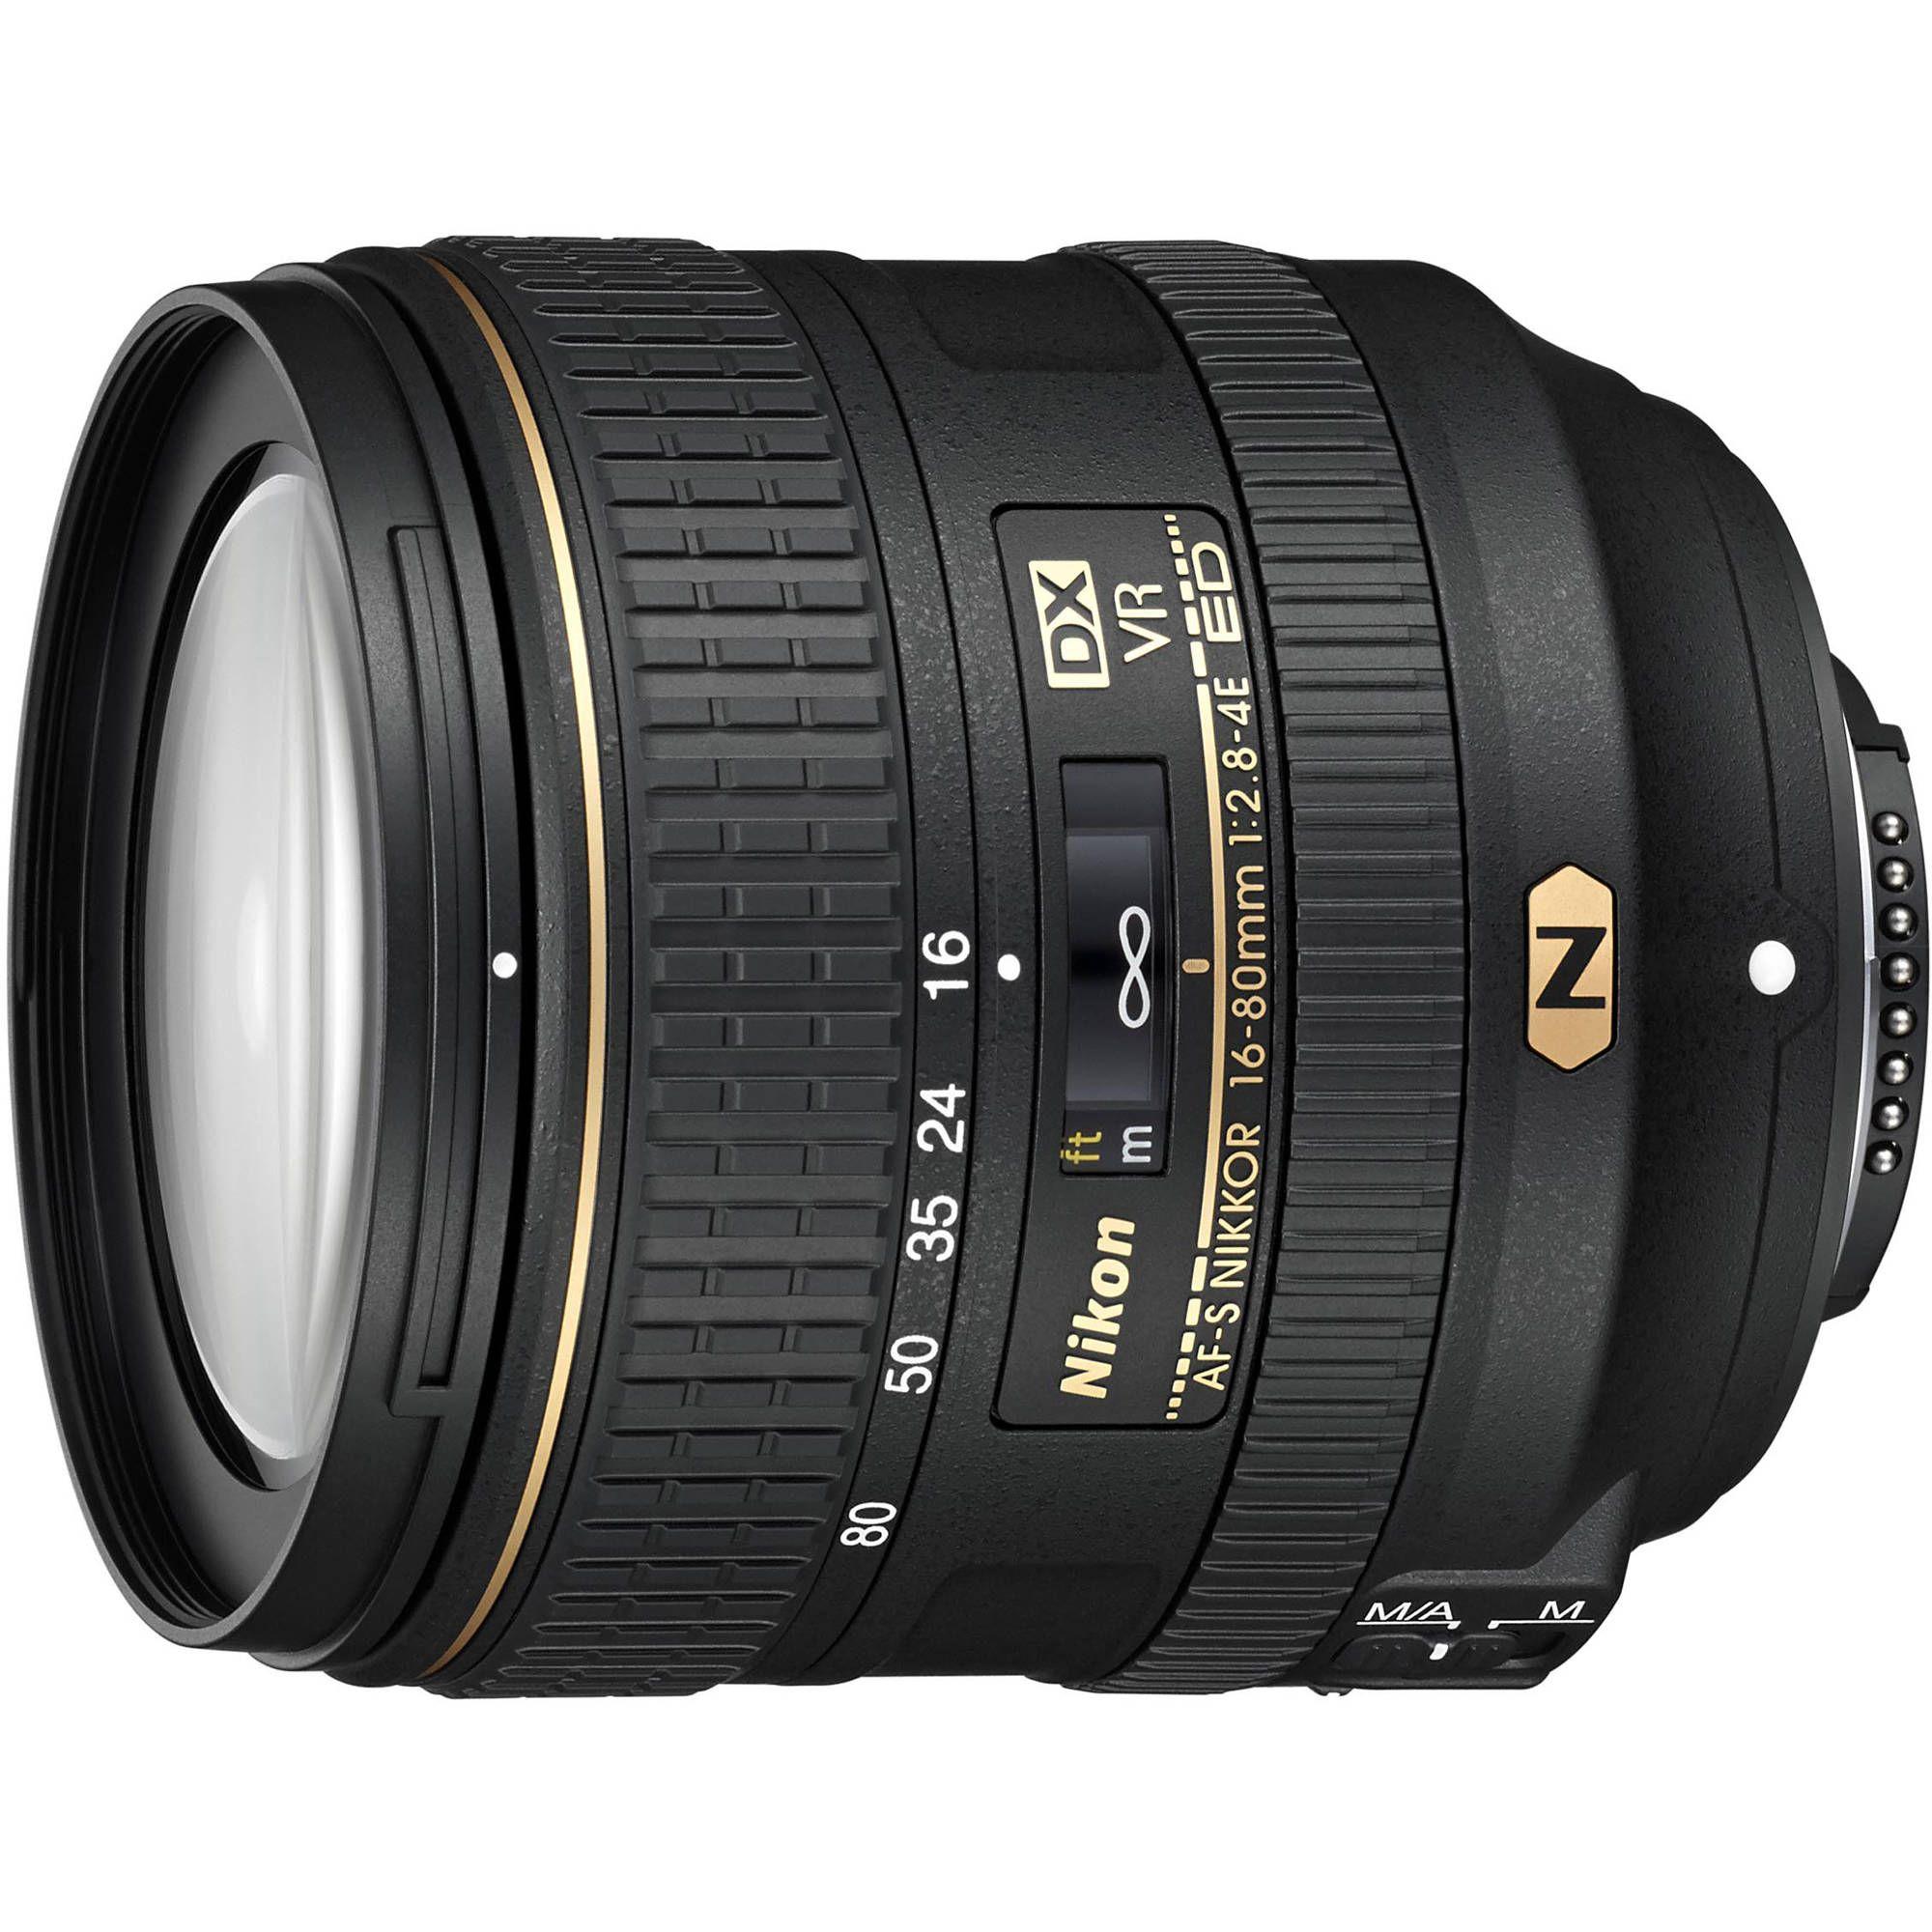 Nikon Af S Dx Nikkor 16 80mm F 2 8 4e Ed Vr Lens 20055 B H Photo Nikon Lenses Nikon Digital Slr Nikon Dslr Camera